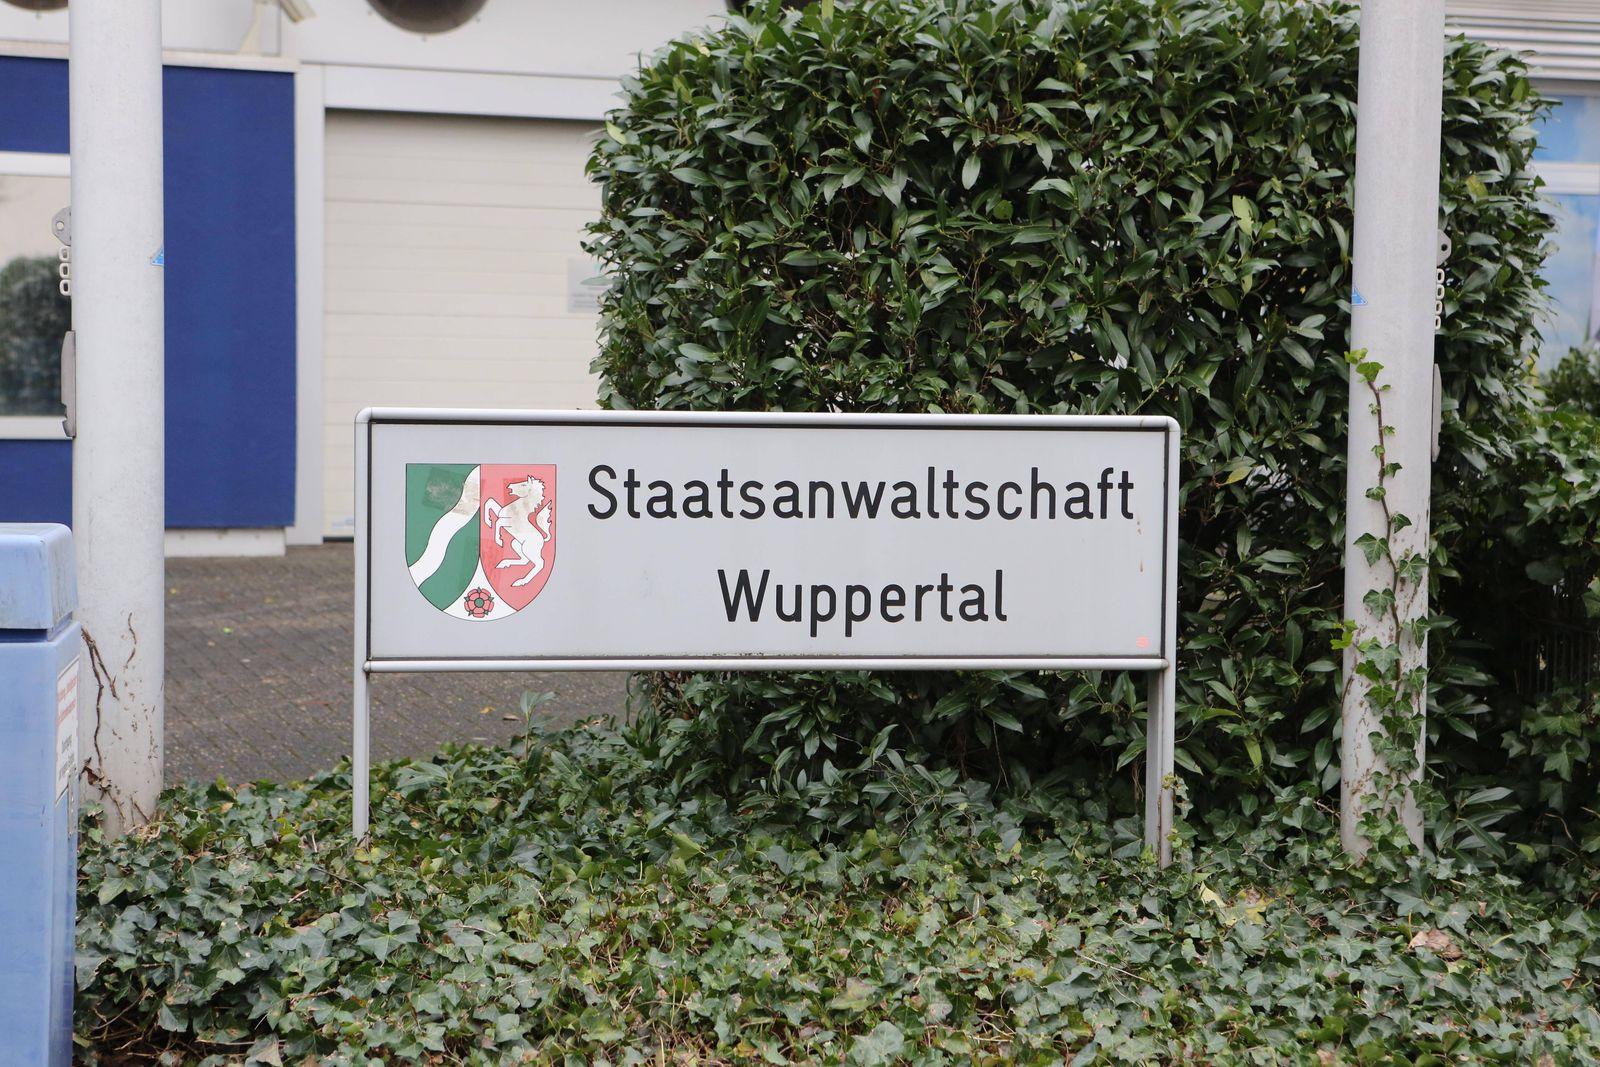 Staatsanwaltschaft in Wuppertal Elberfeld Eingansschild *** Prosecutors in Wuppertal Elberfeld sing